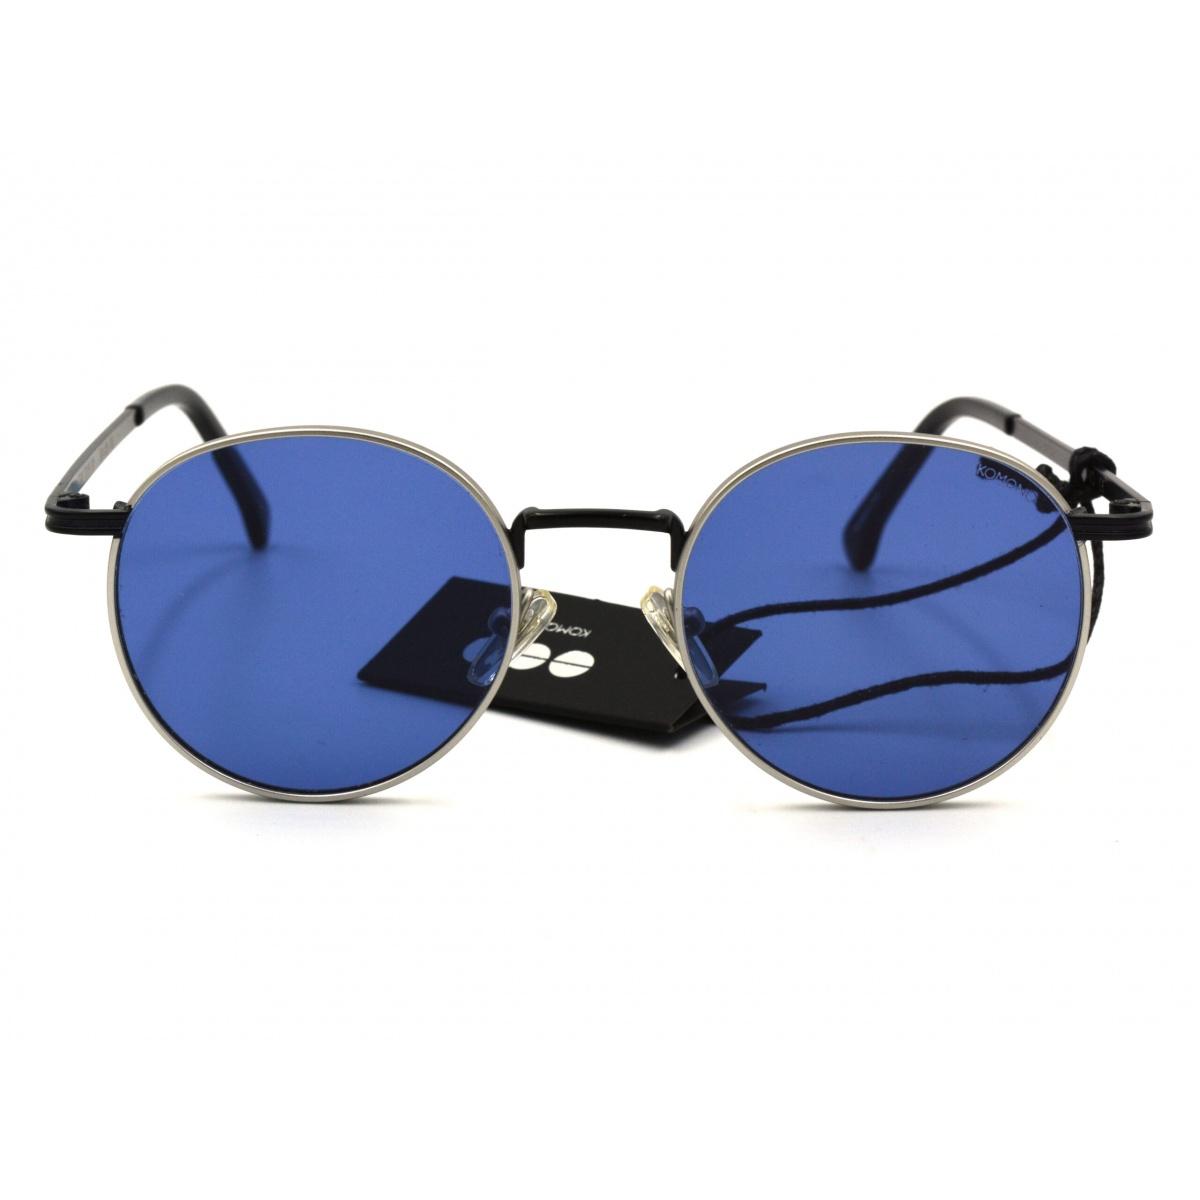 Γυαλιά ηλίου KOMONO TAYLOR 50-20-145